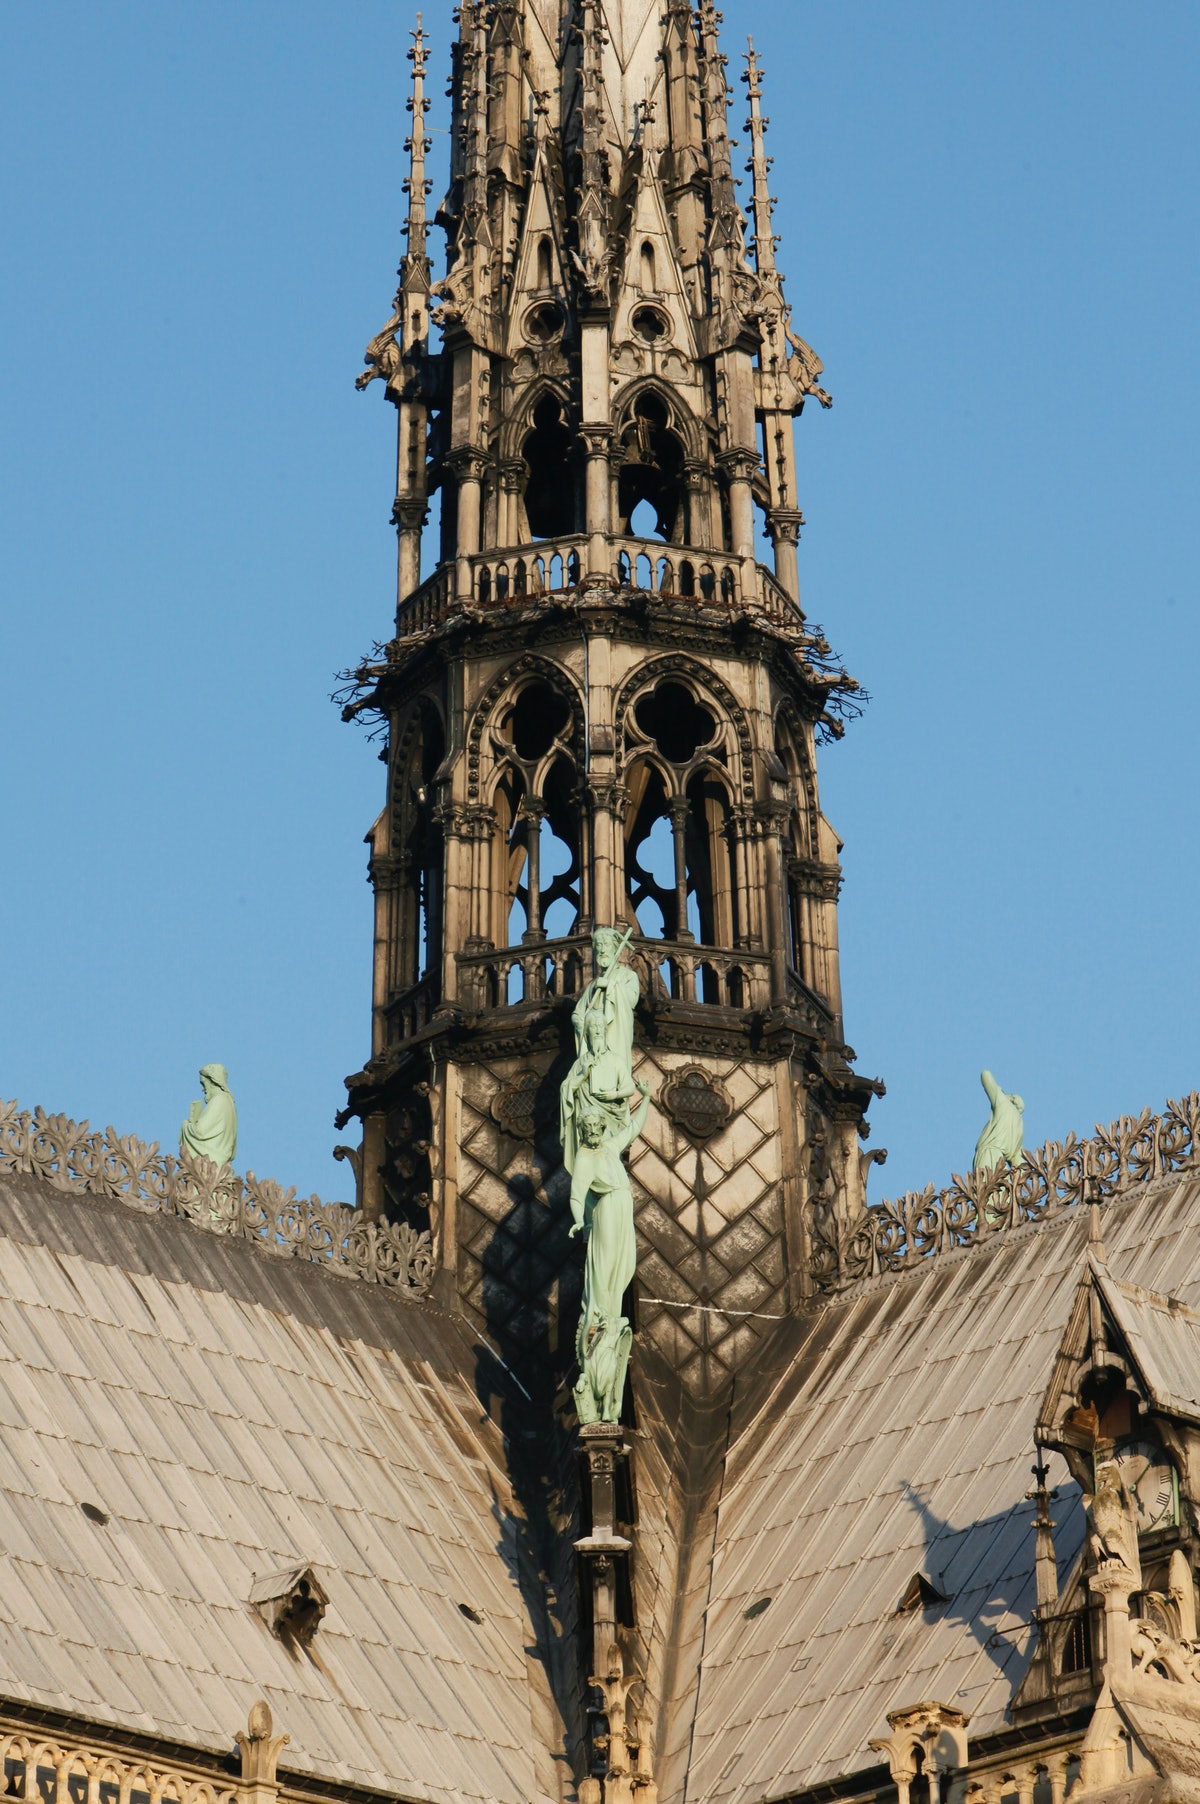 Notre-Dame de Paris cathedral spire base